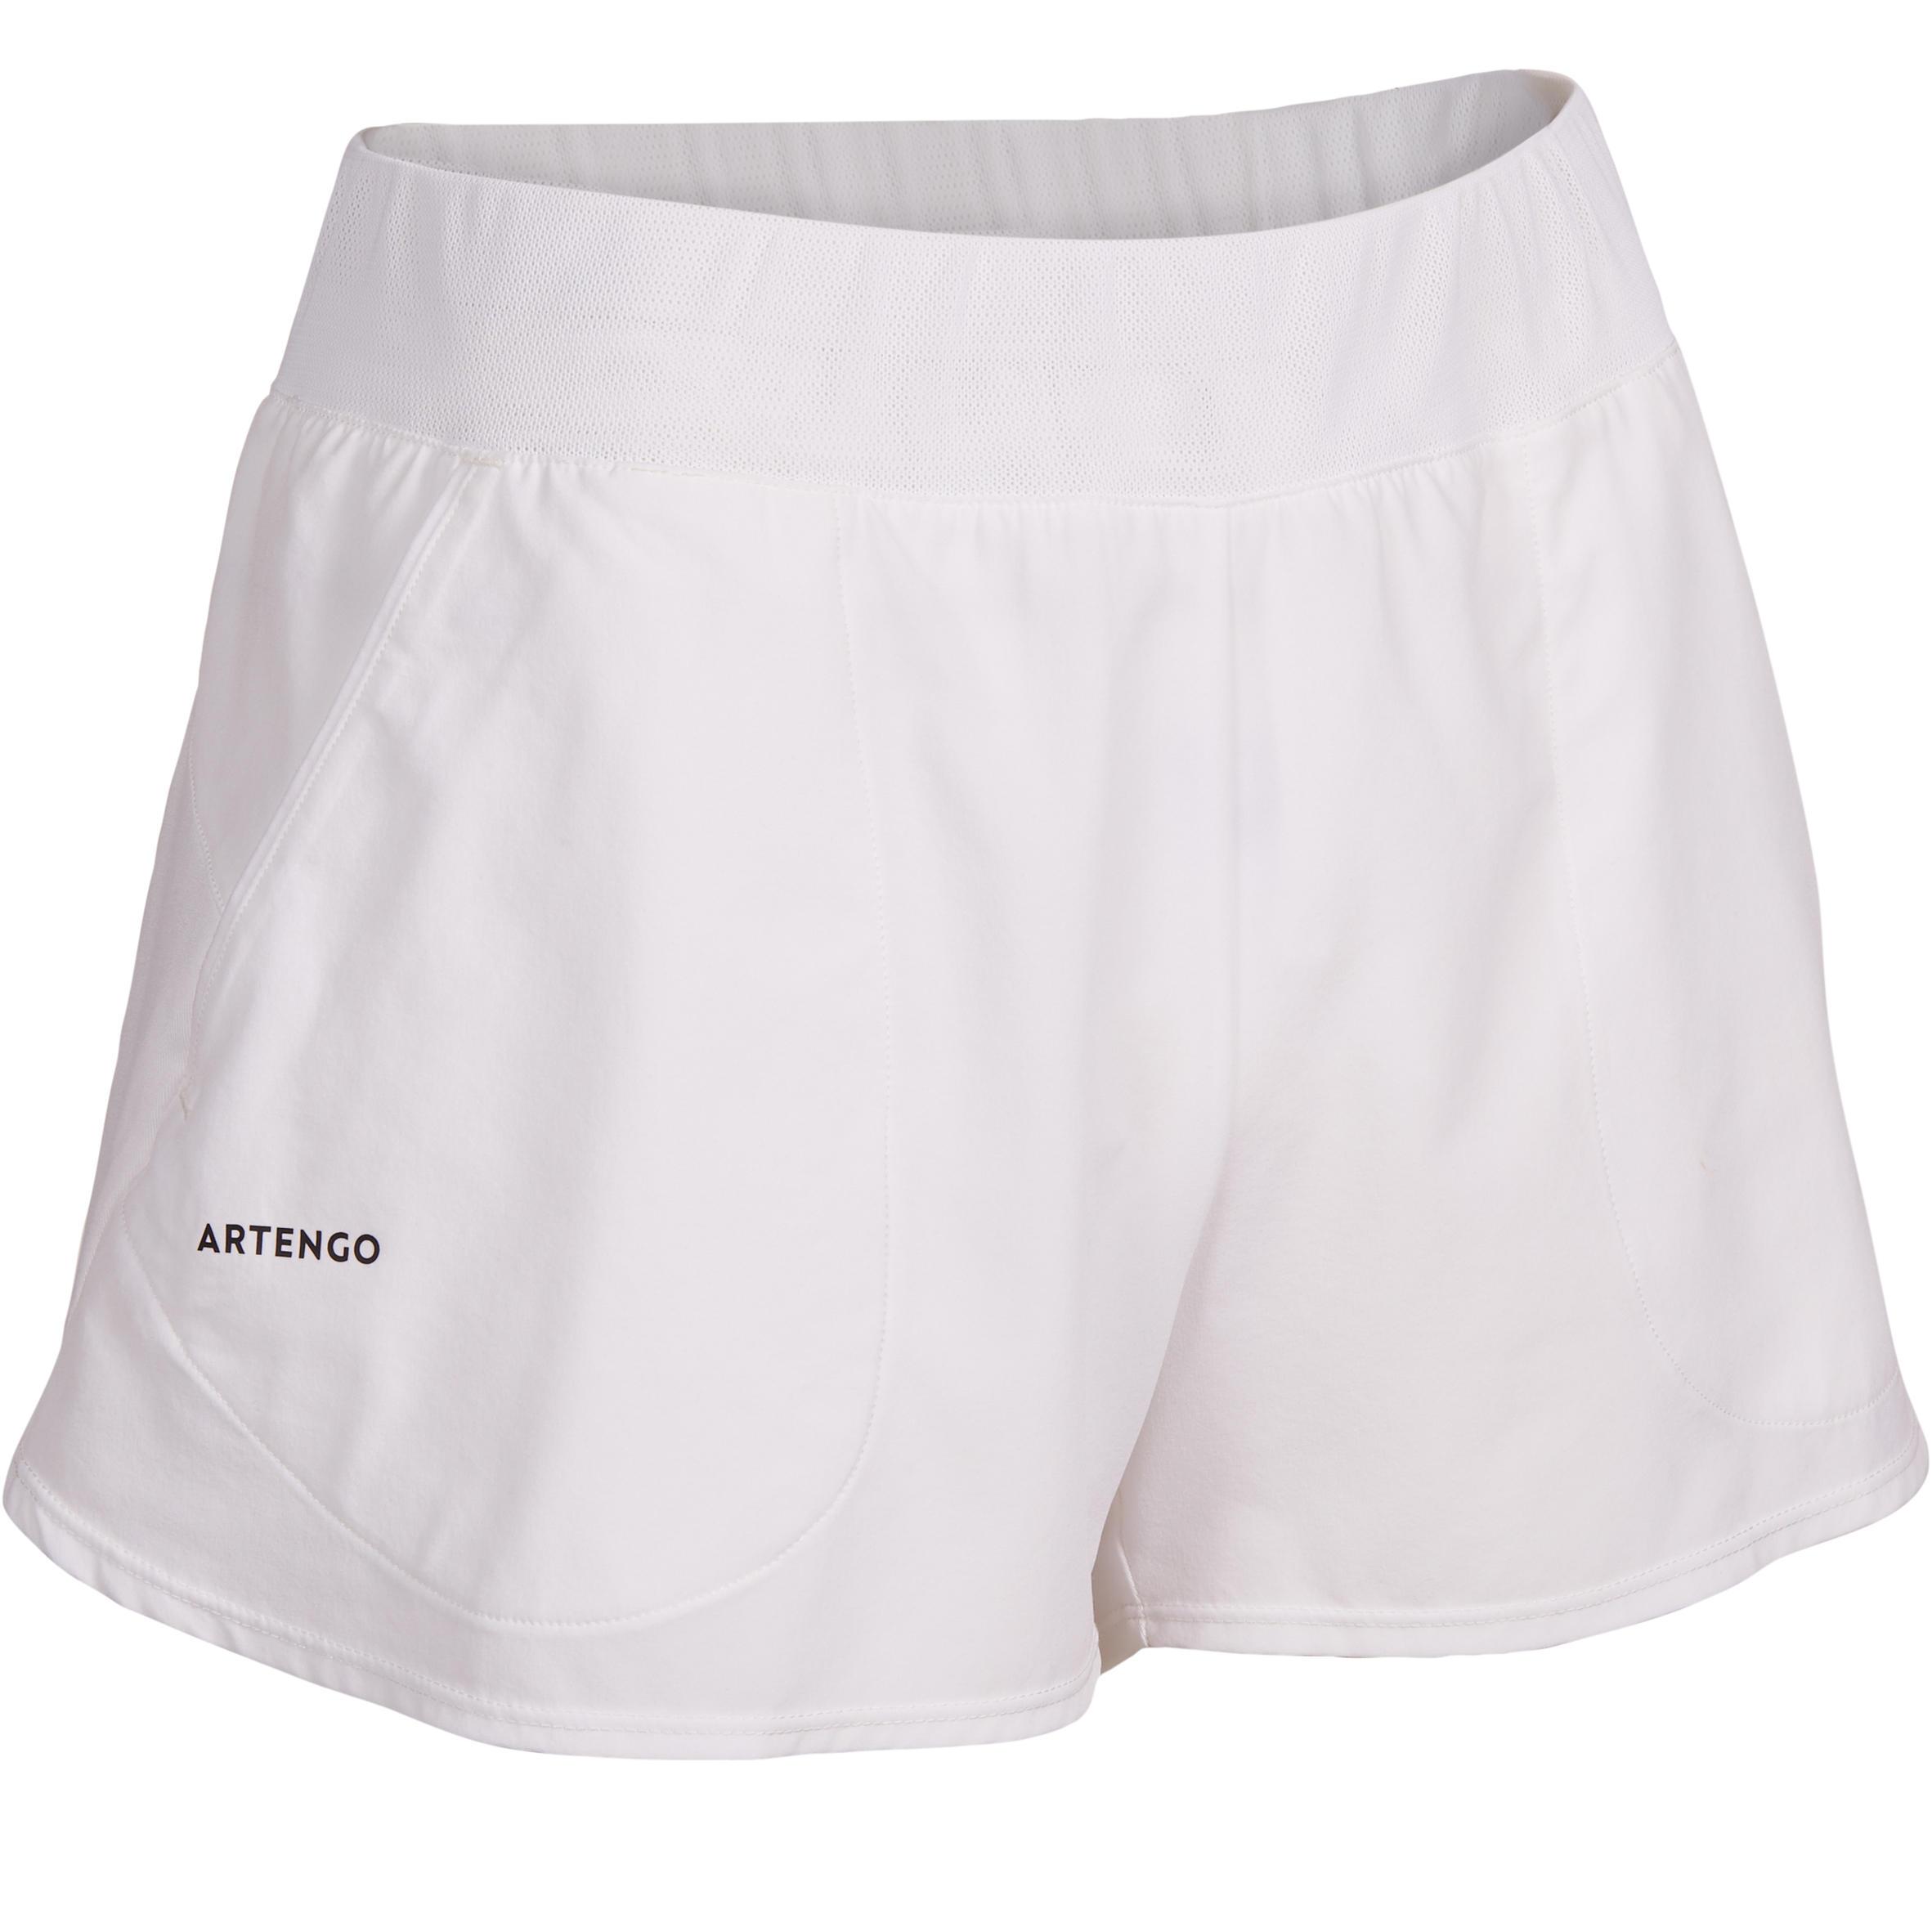 Shorts SH Soft 500 Tennishose Damen weiß | Sportbekleidung > Sporthosen > Tennisshorts | Weiß | Artengo